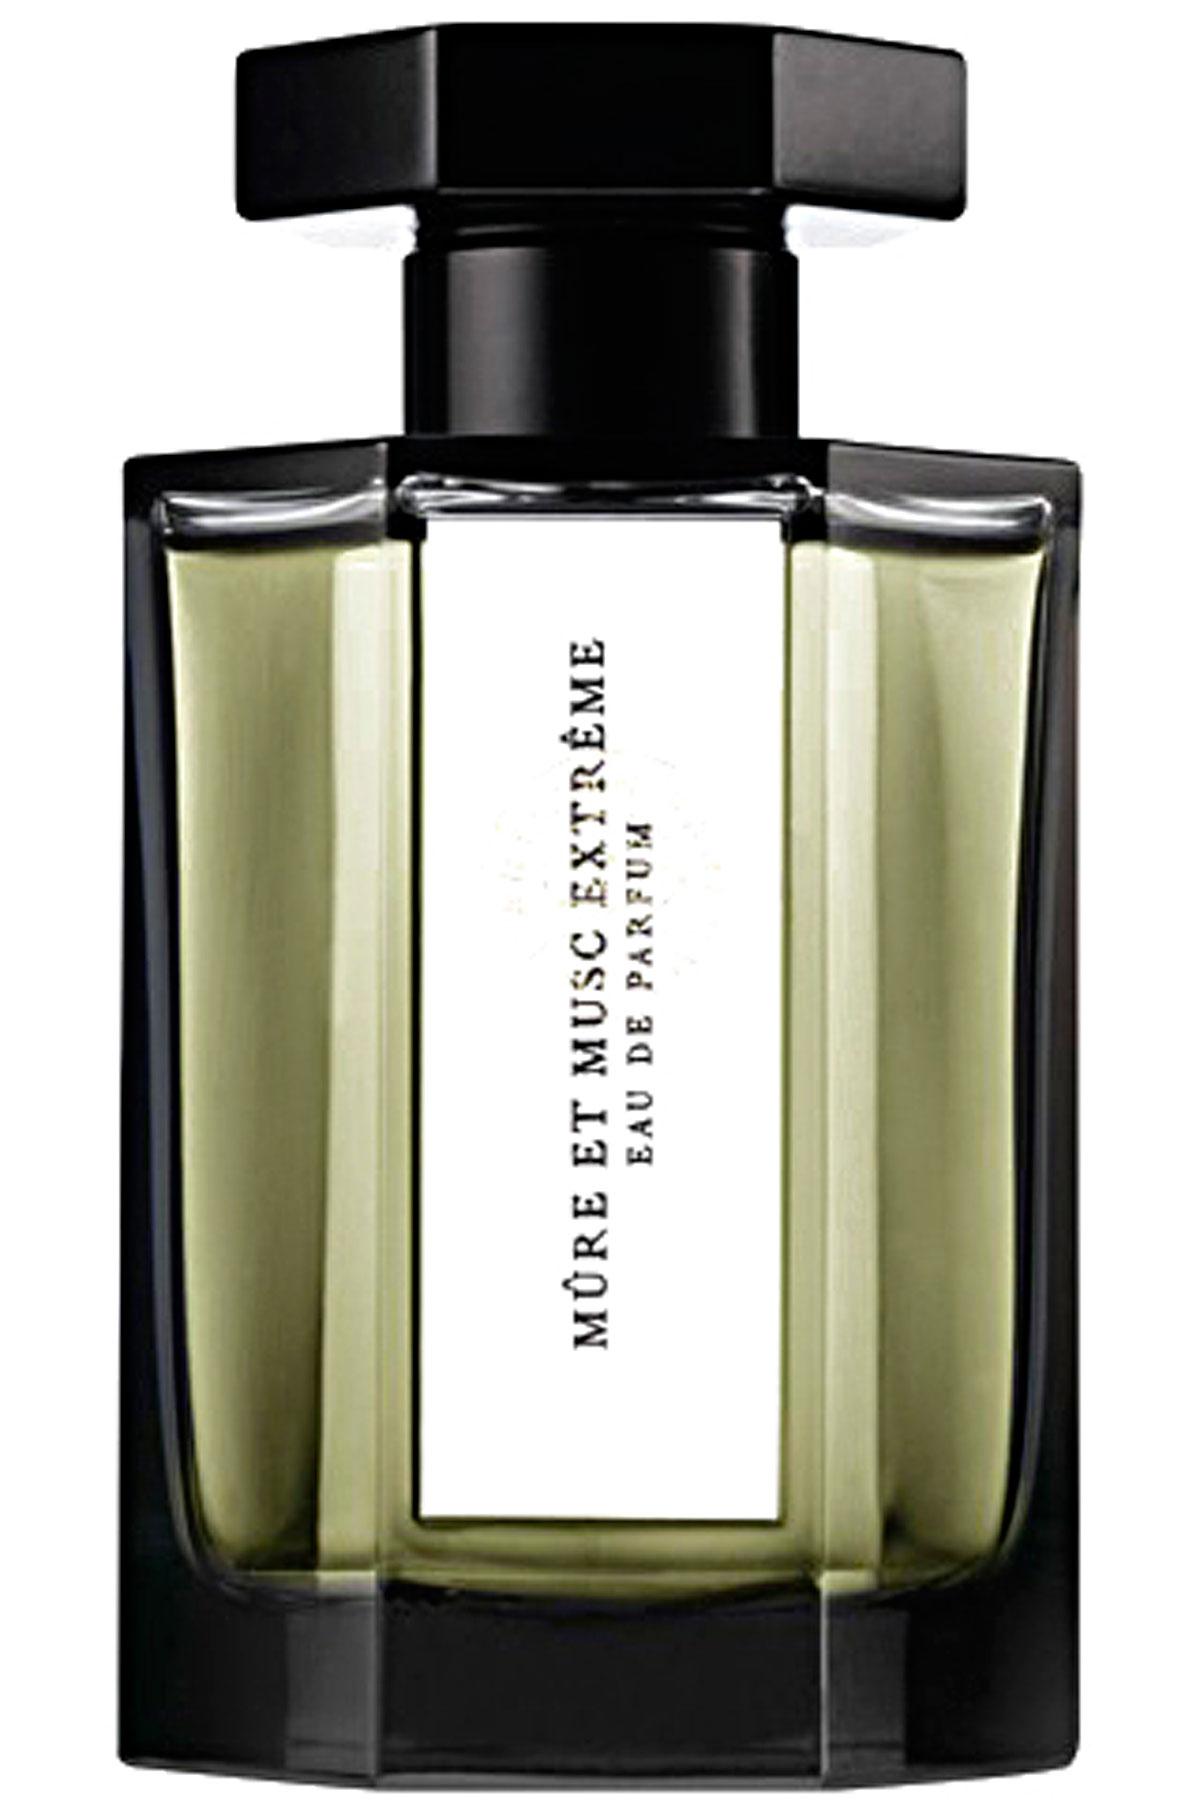 Artisan Parfumeur Fragrances for Women, Mure Et Musk Extreme - Eau De Parfum - 100 Ml, 2019, 100 ml